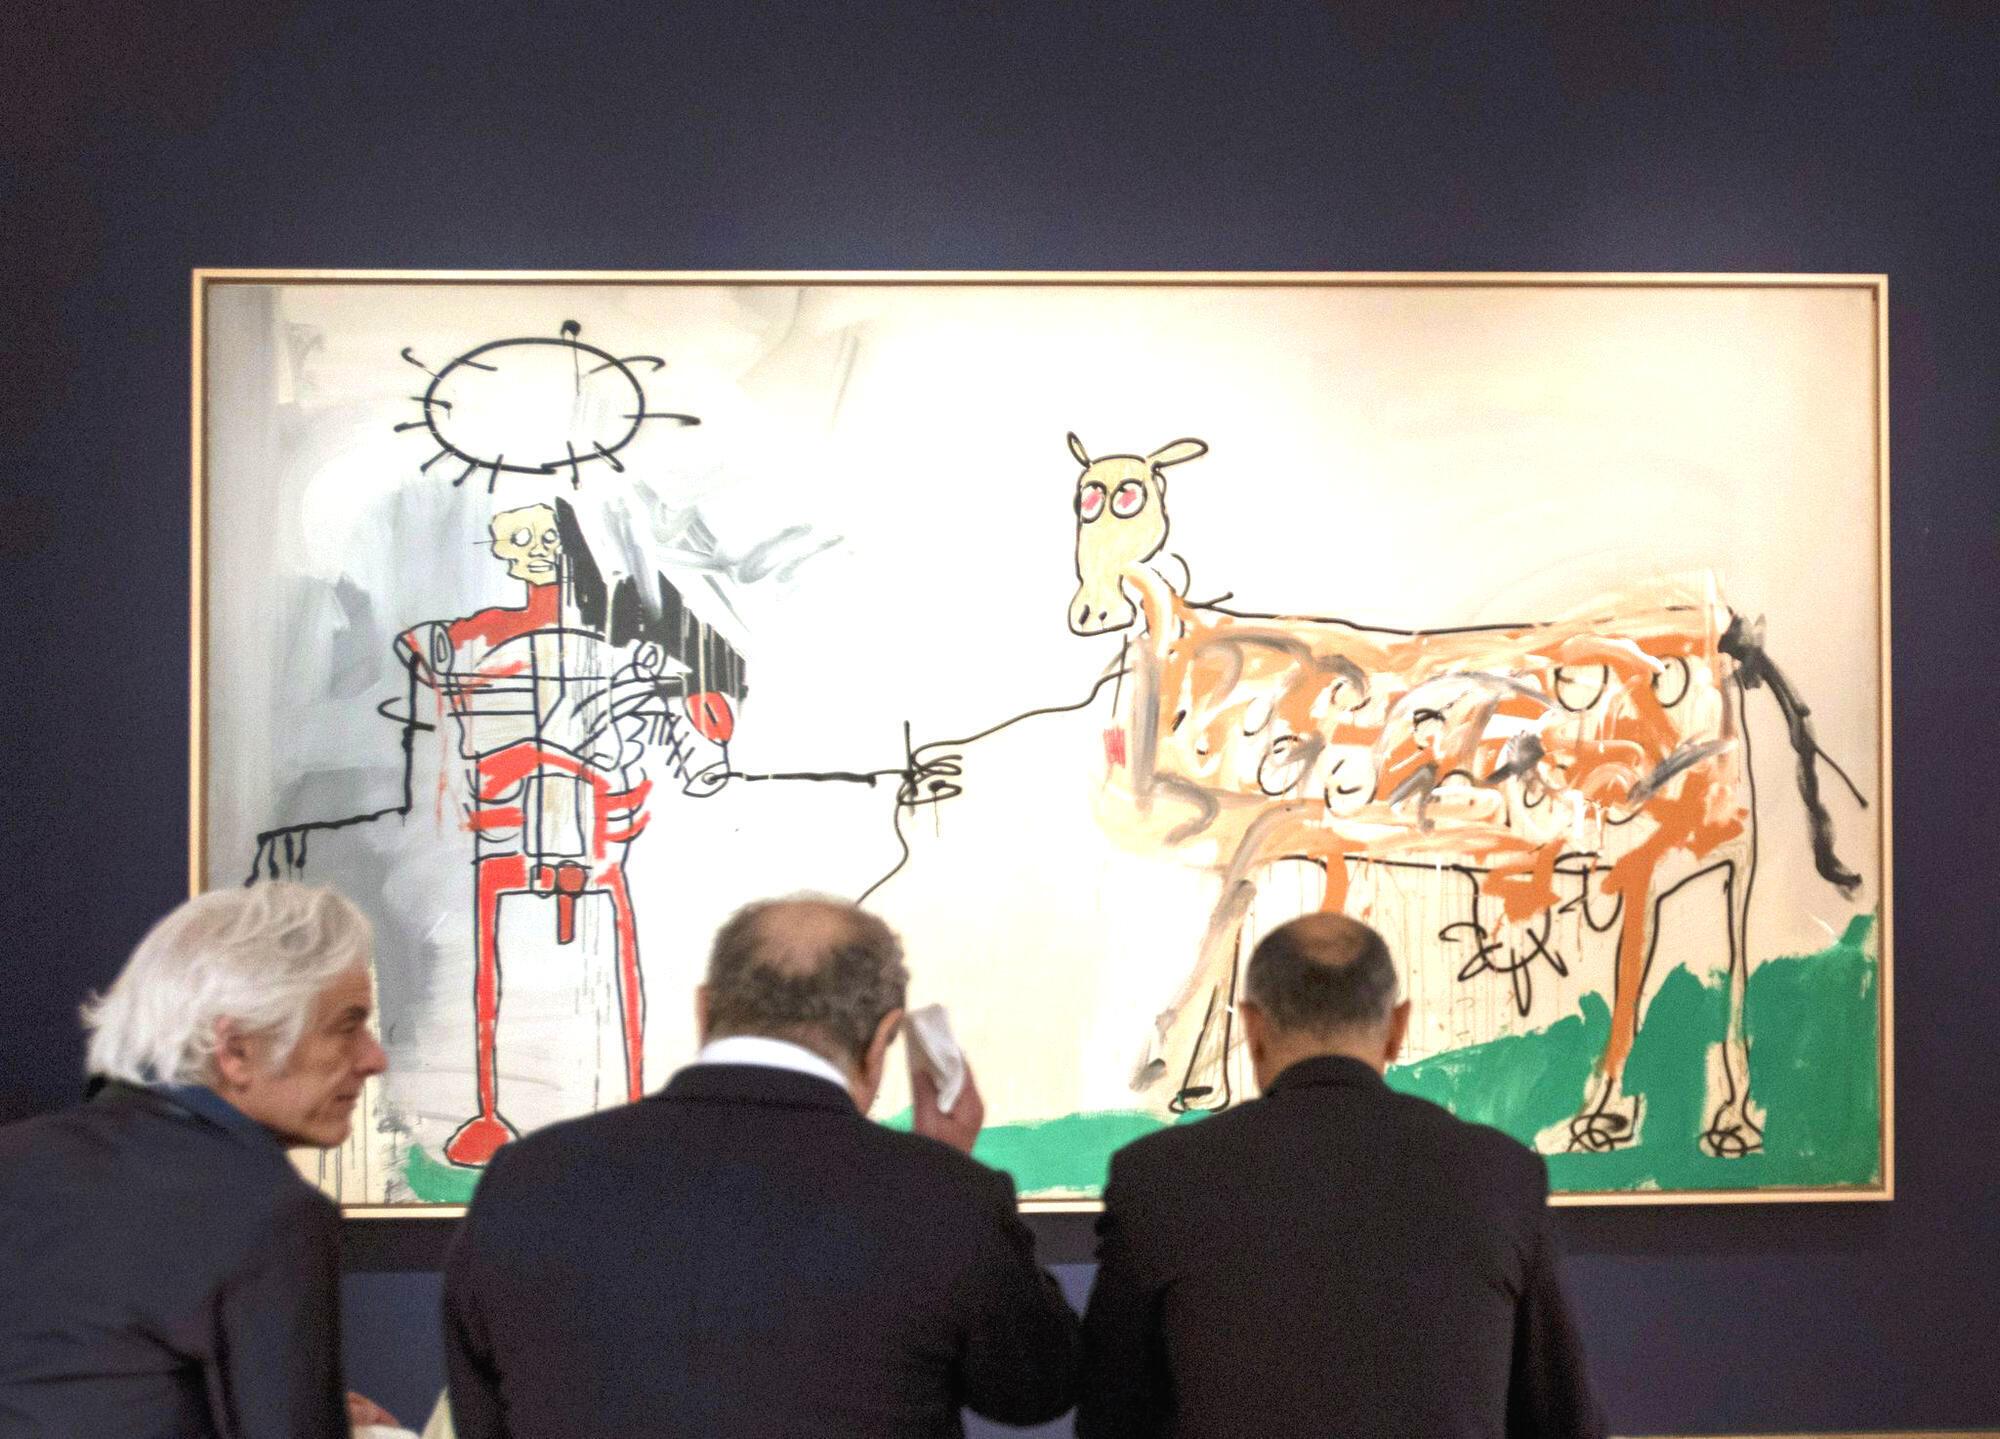 Qua đấu giá, tranh Basquiat giờ đây đạt tới mức hàng chục triệu đô la